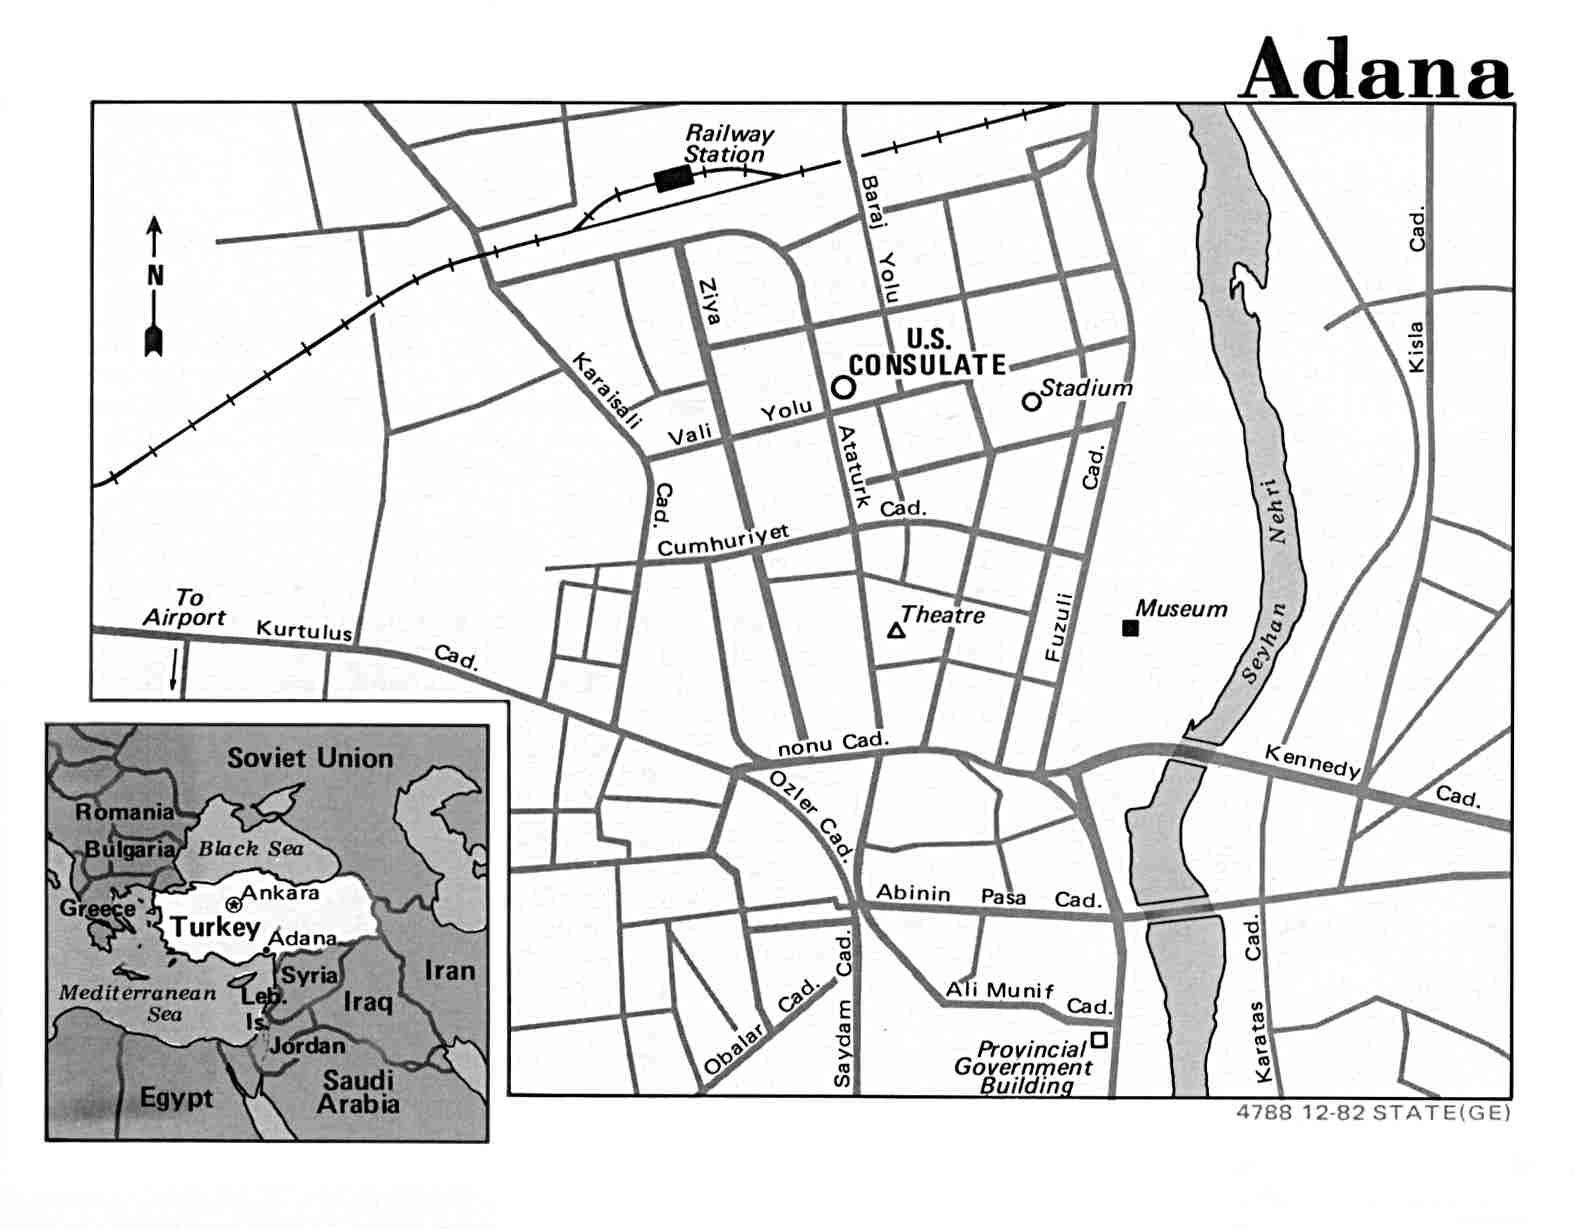 Mapa de la Ciudad de Adana, Turquía